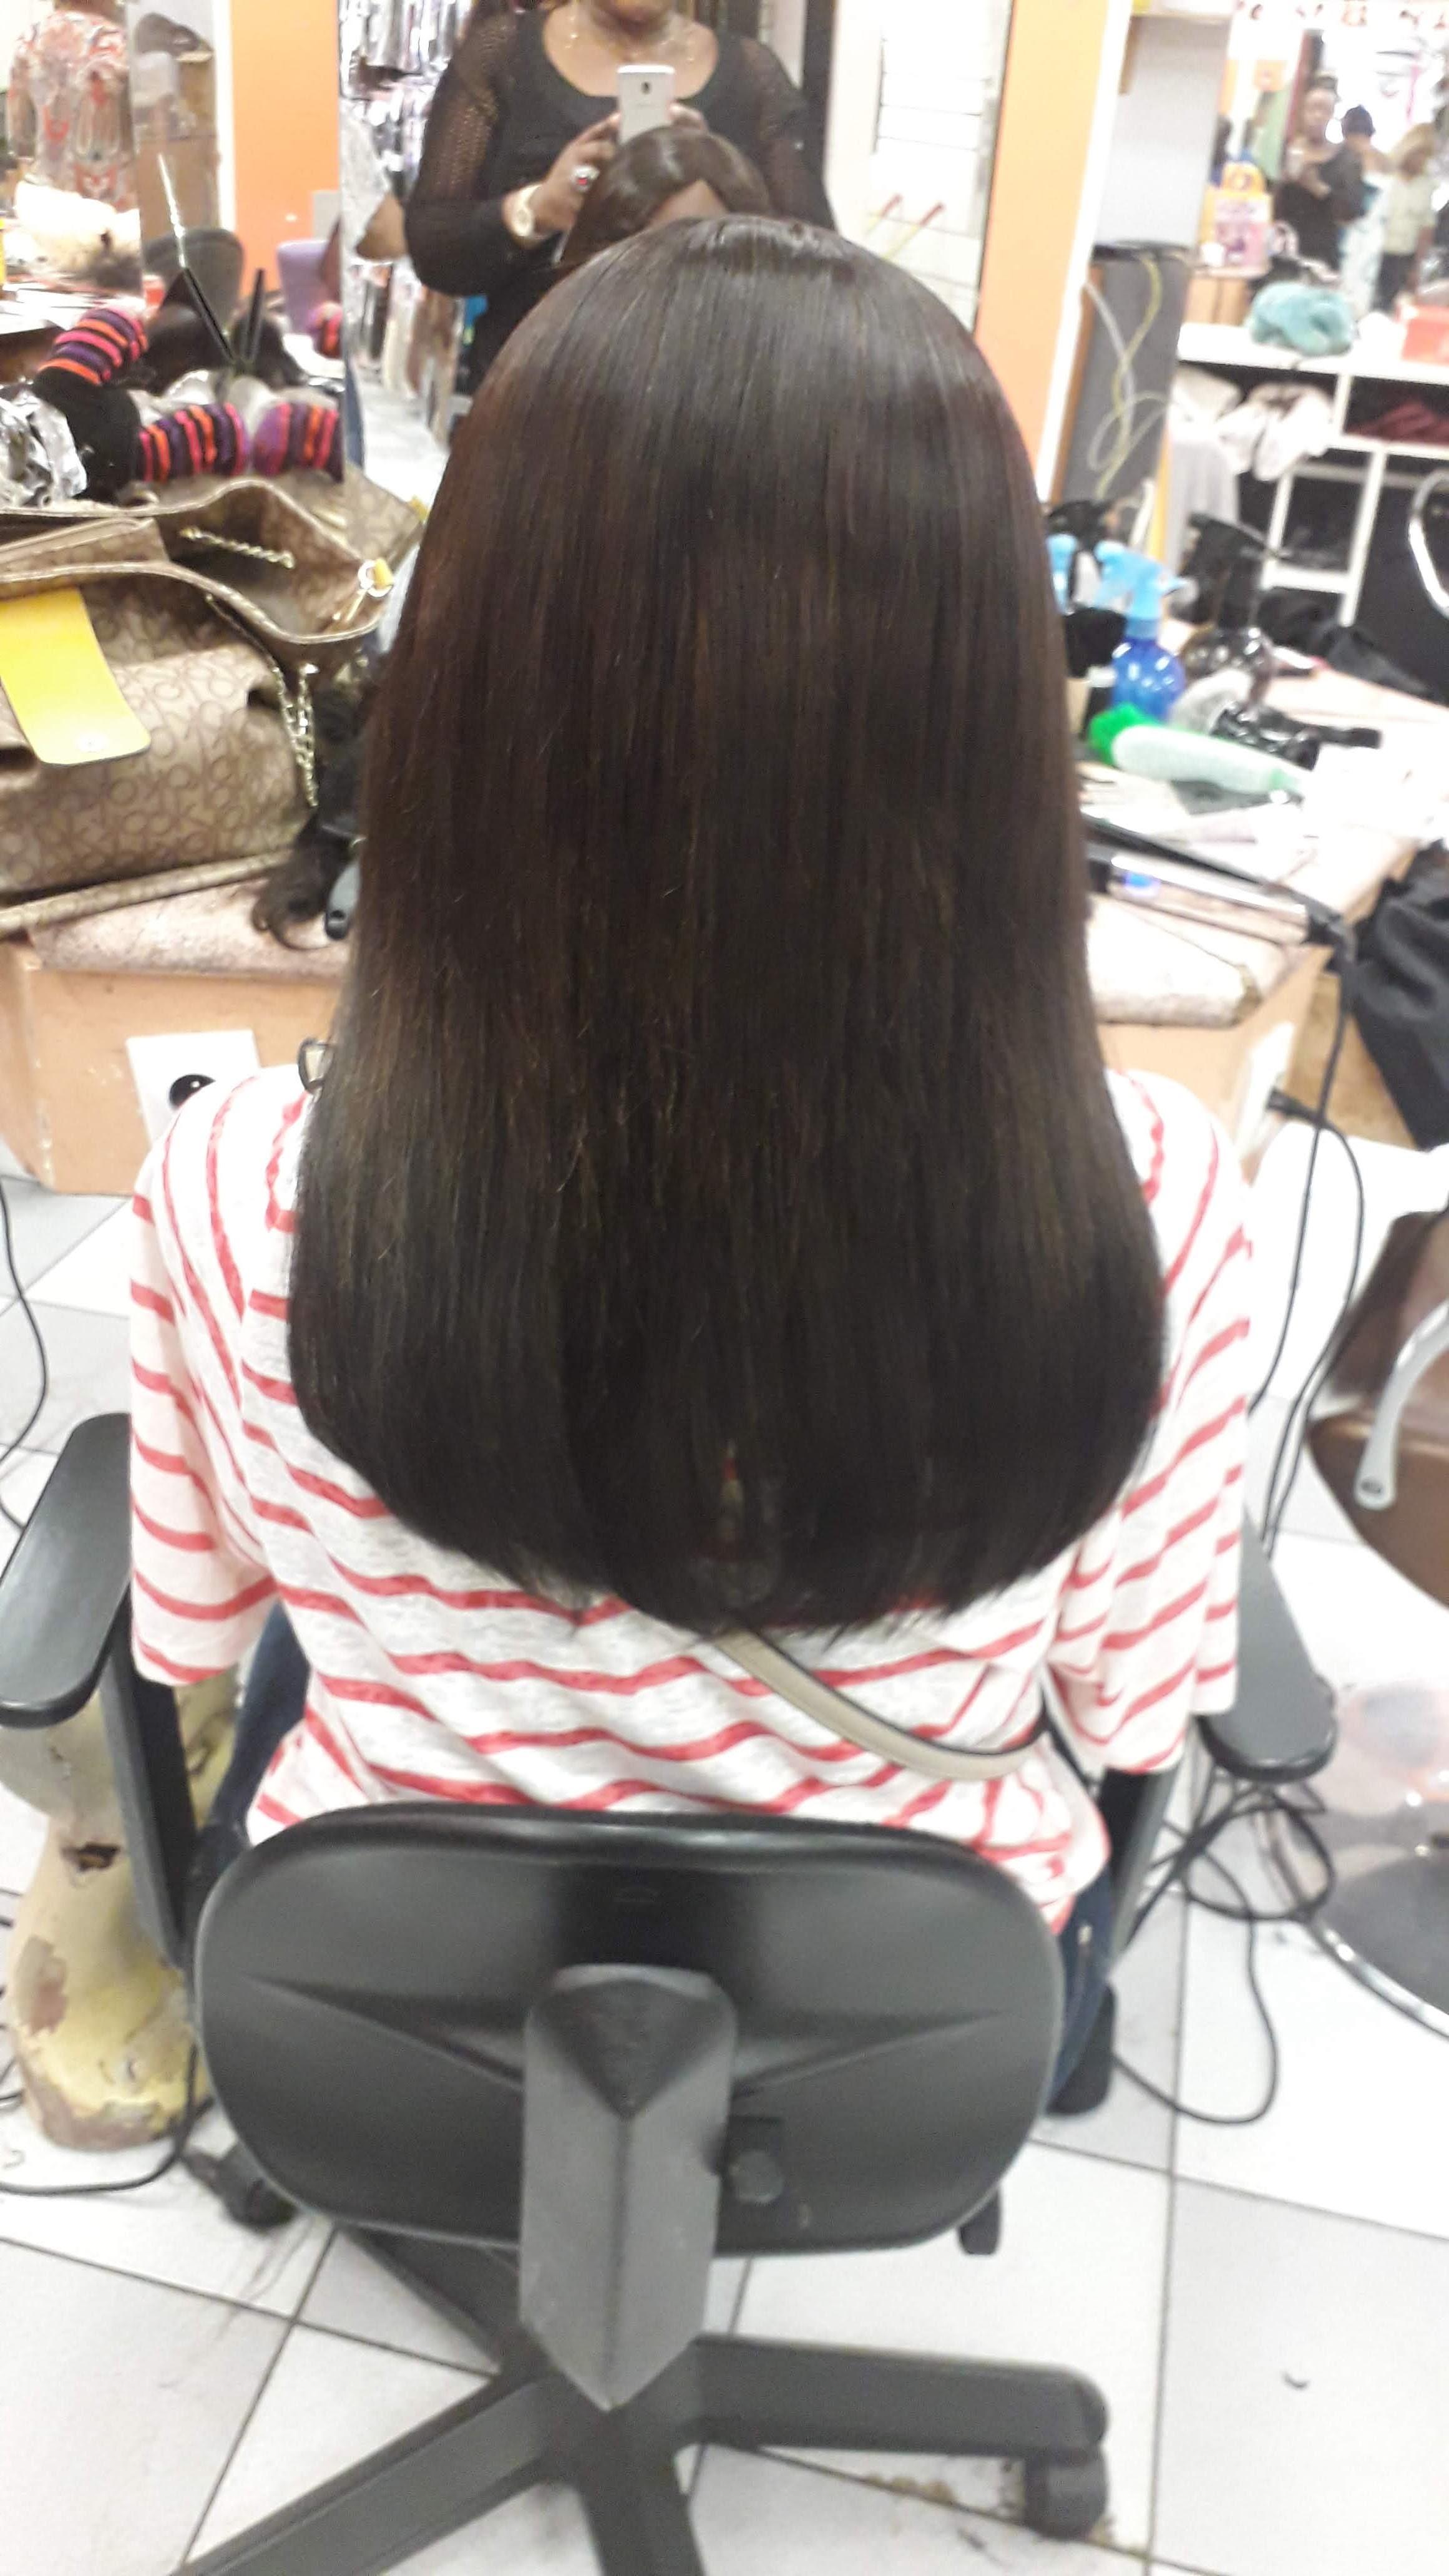 salon de coiffure afro tresse tresses box braids crochet braids vanilles tissages paris 75 77 78 91 92 93 94 95 BMILPUHC